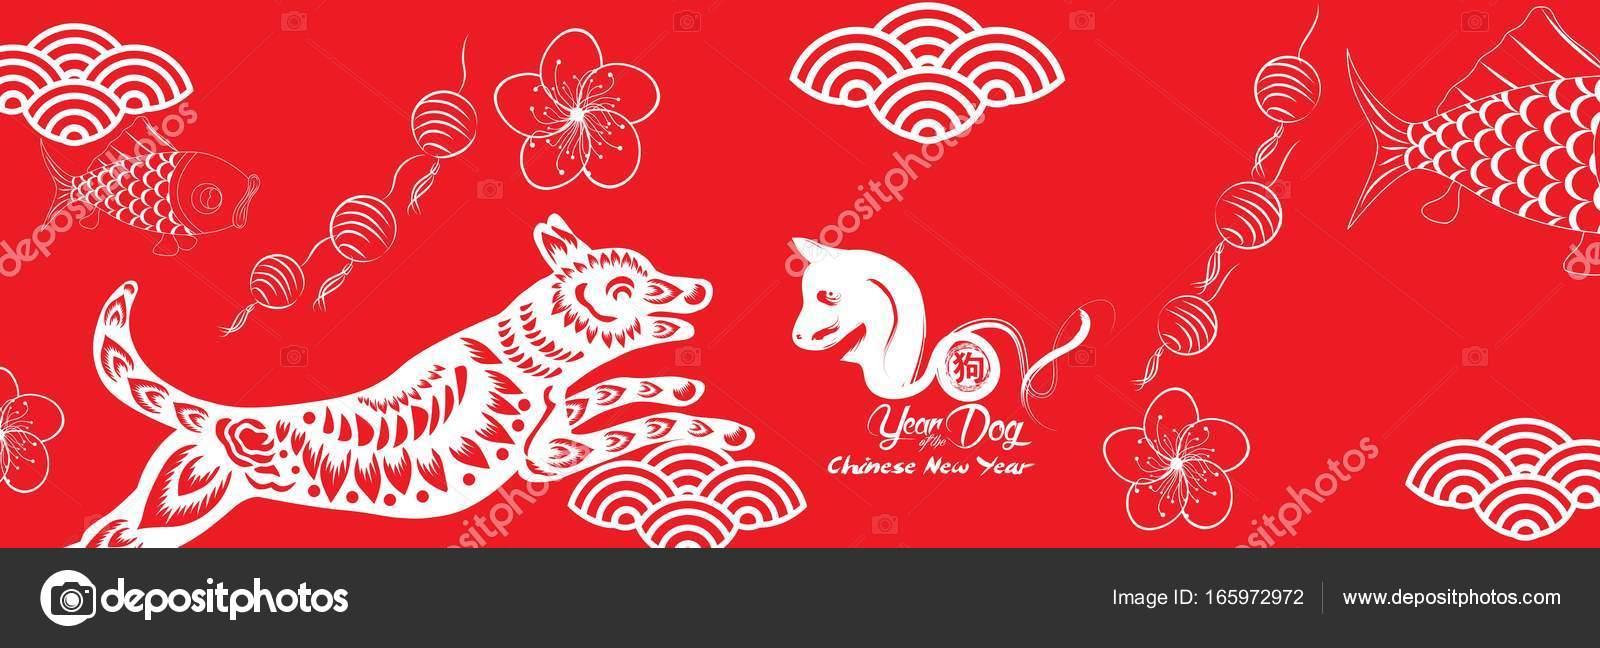 Frohes neues Jahr, Hund 2018, Grüße Chinesisches Neujahr, Jahr des ...